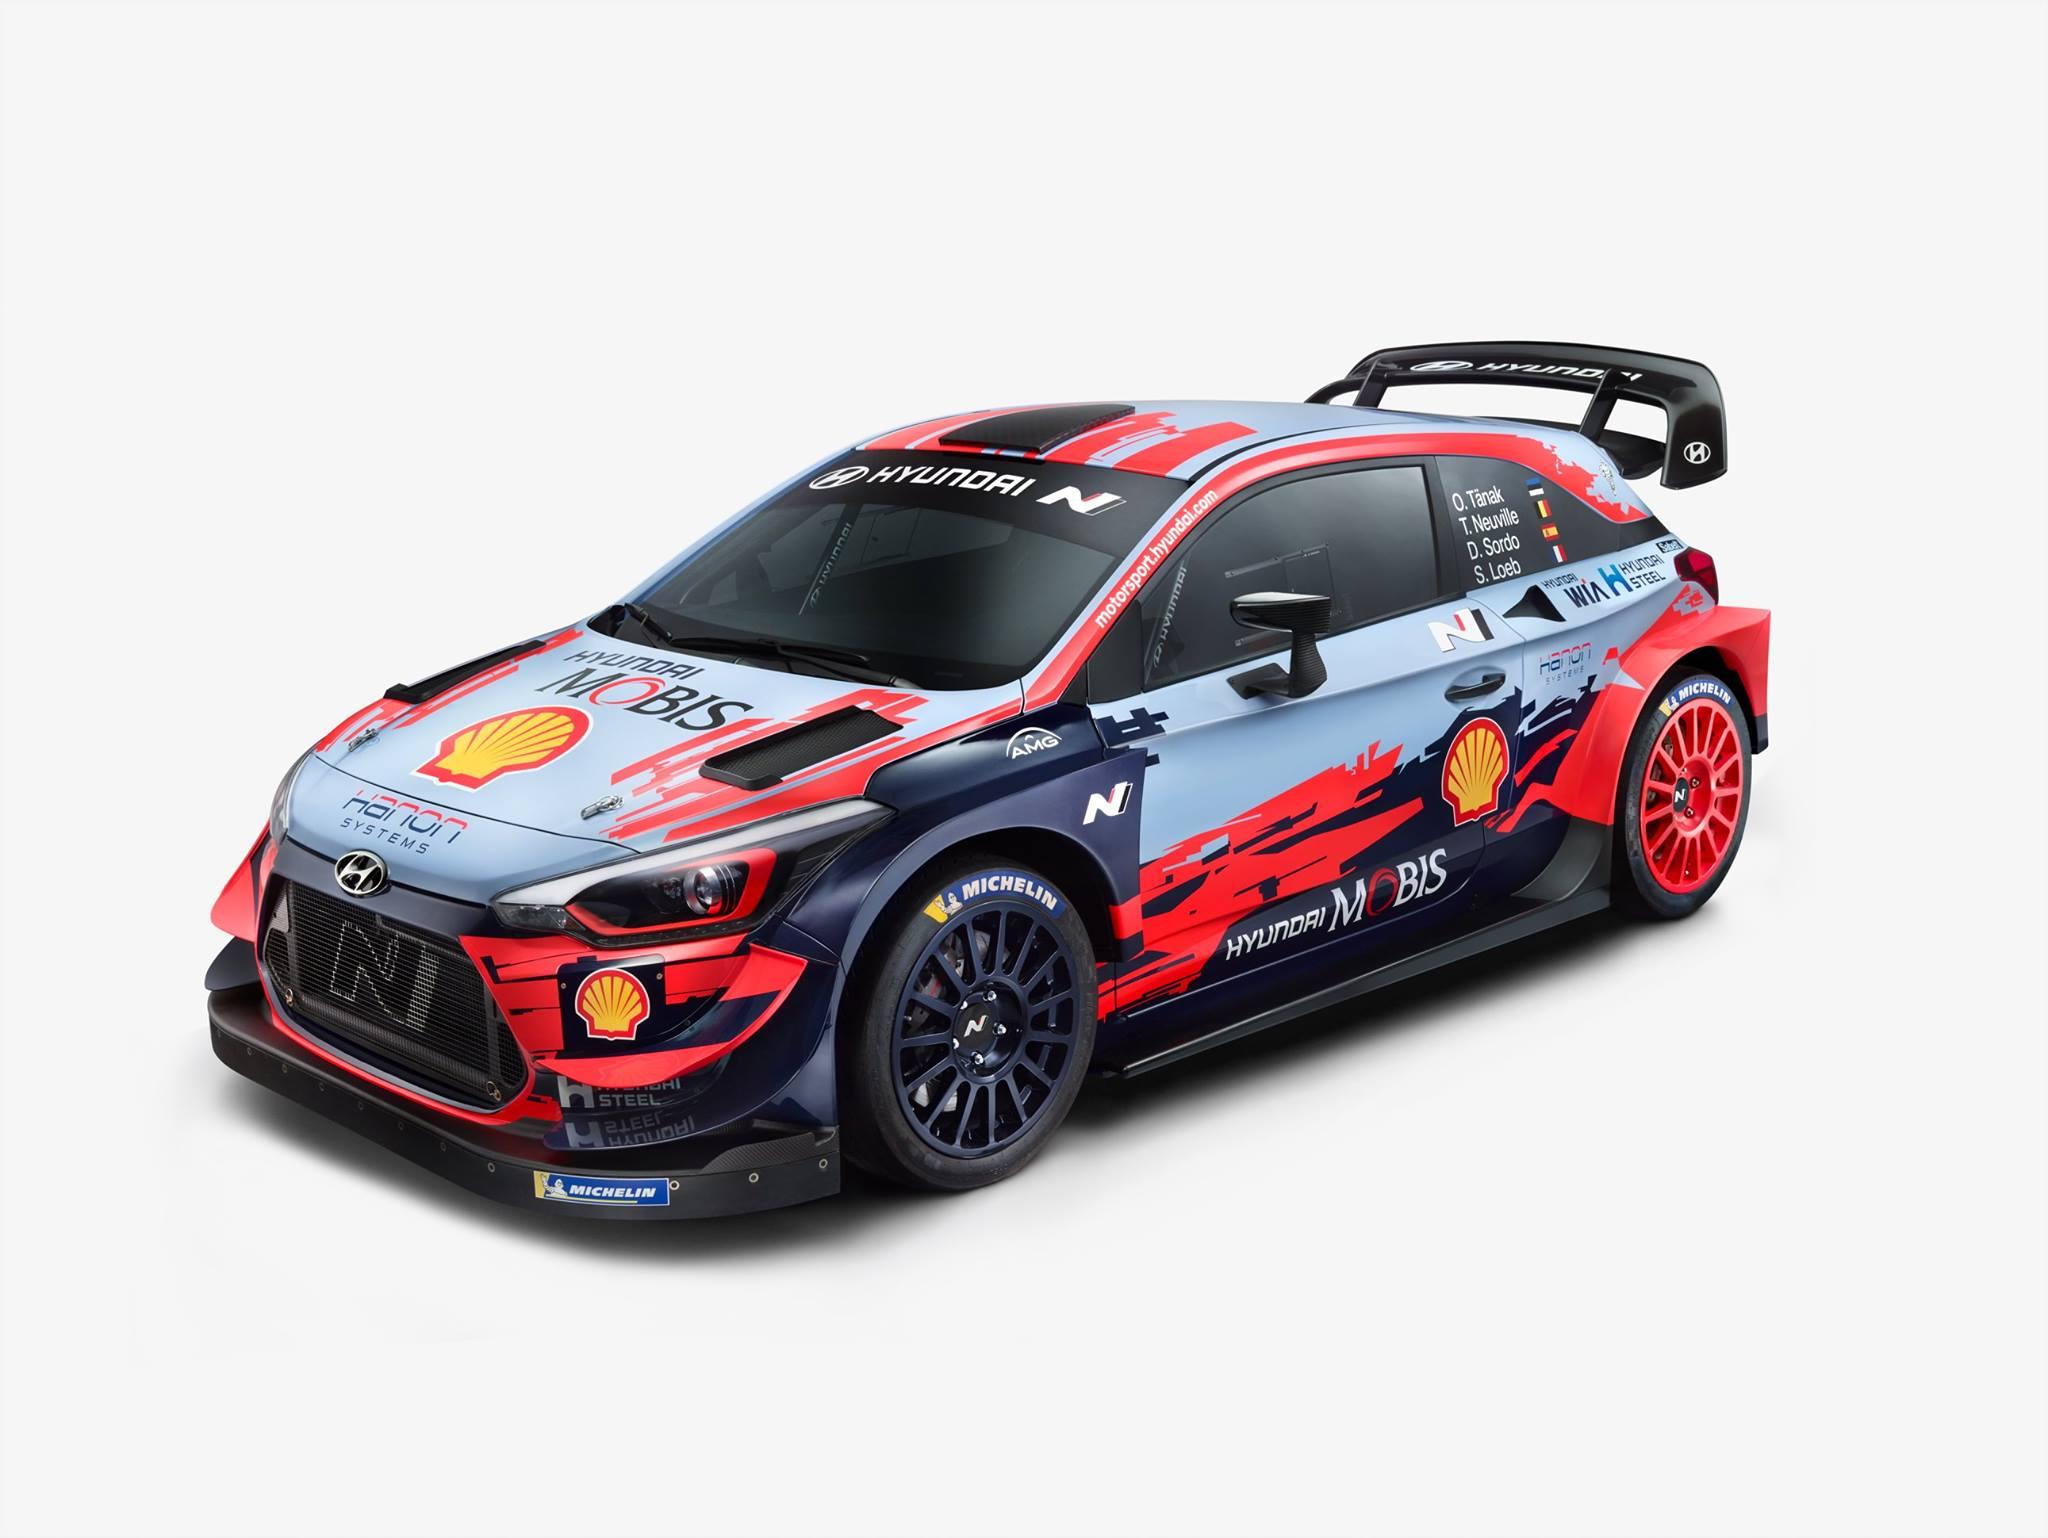 źródło: Hyundai Motorsport   Zwycięskiego malowania się nie zmienia